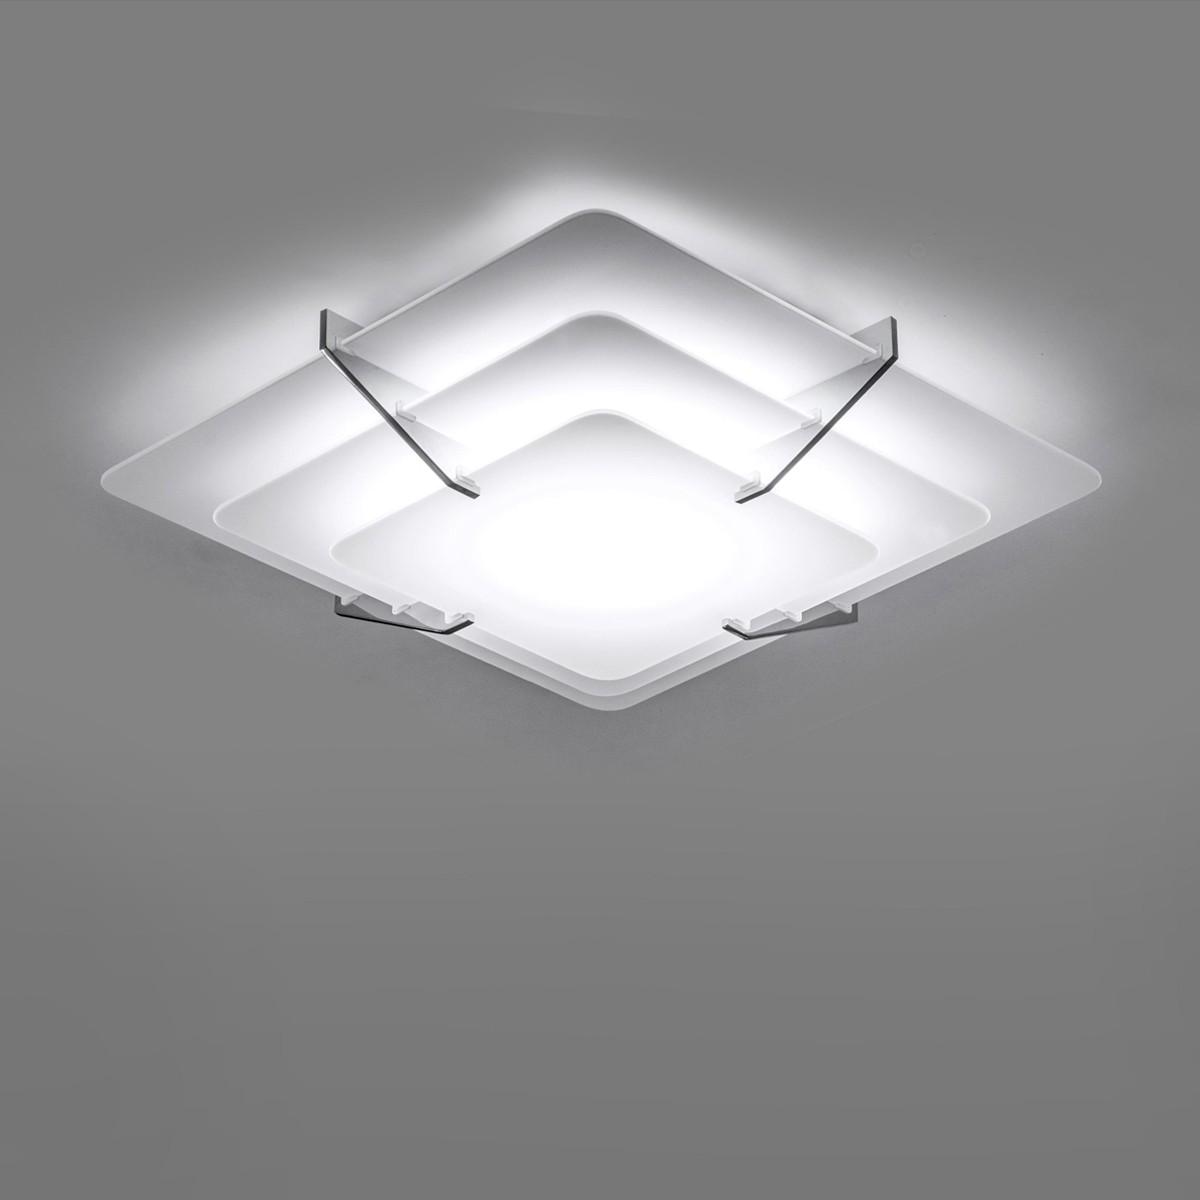 Milan Escala Deckenleuchte, quadratisch, 32 x 32 cm, Glas satiniert